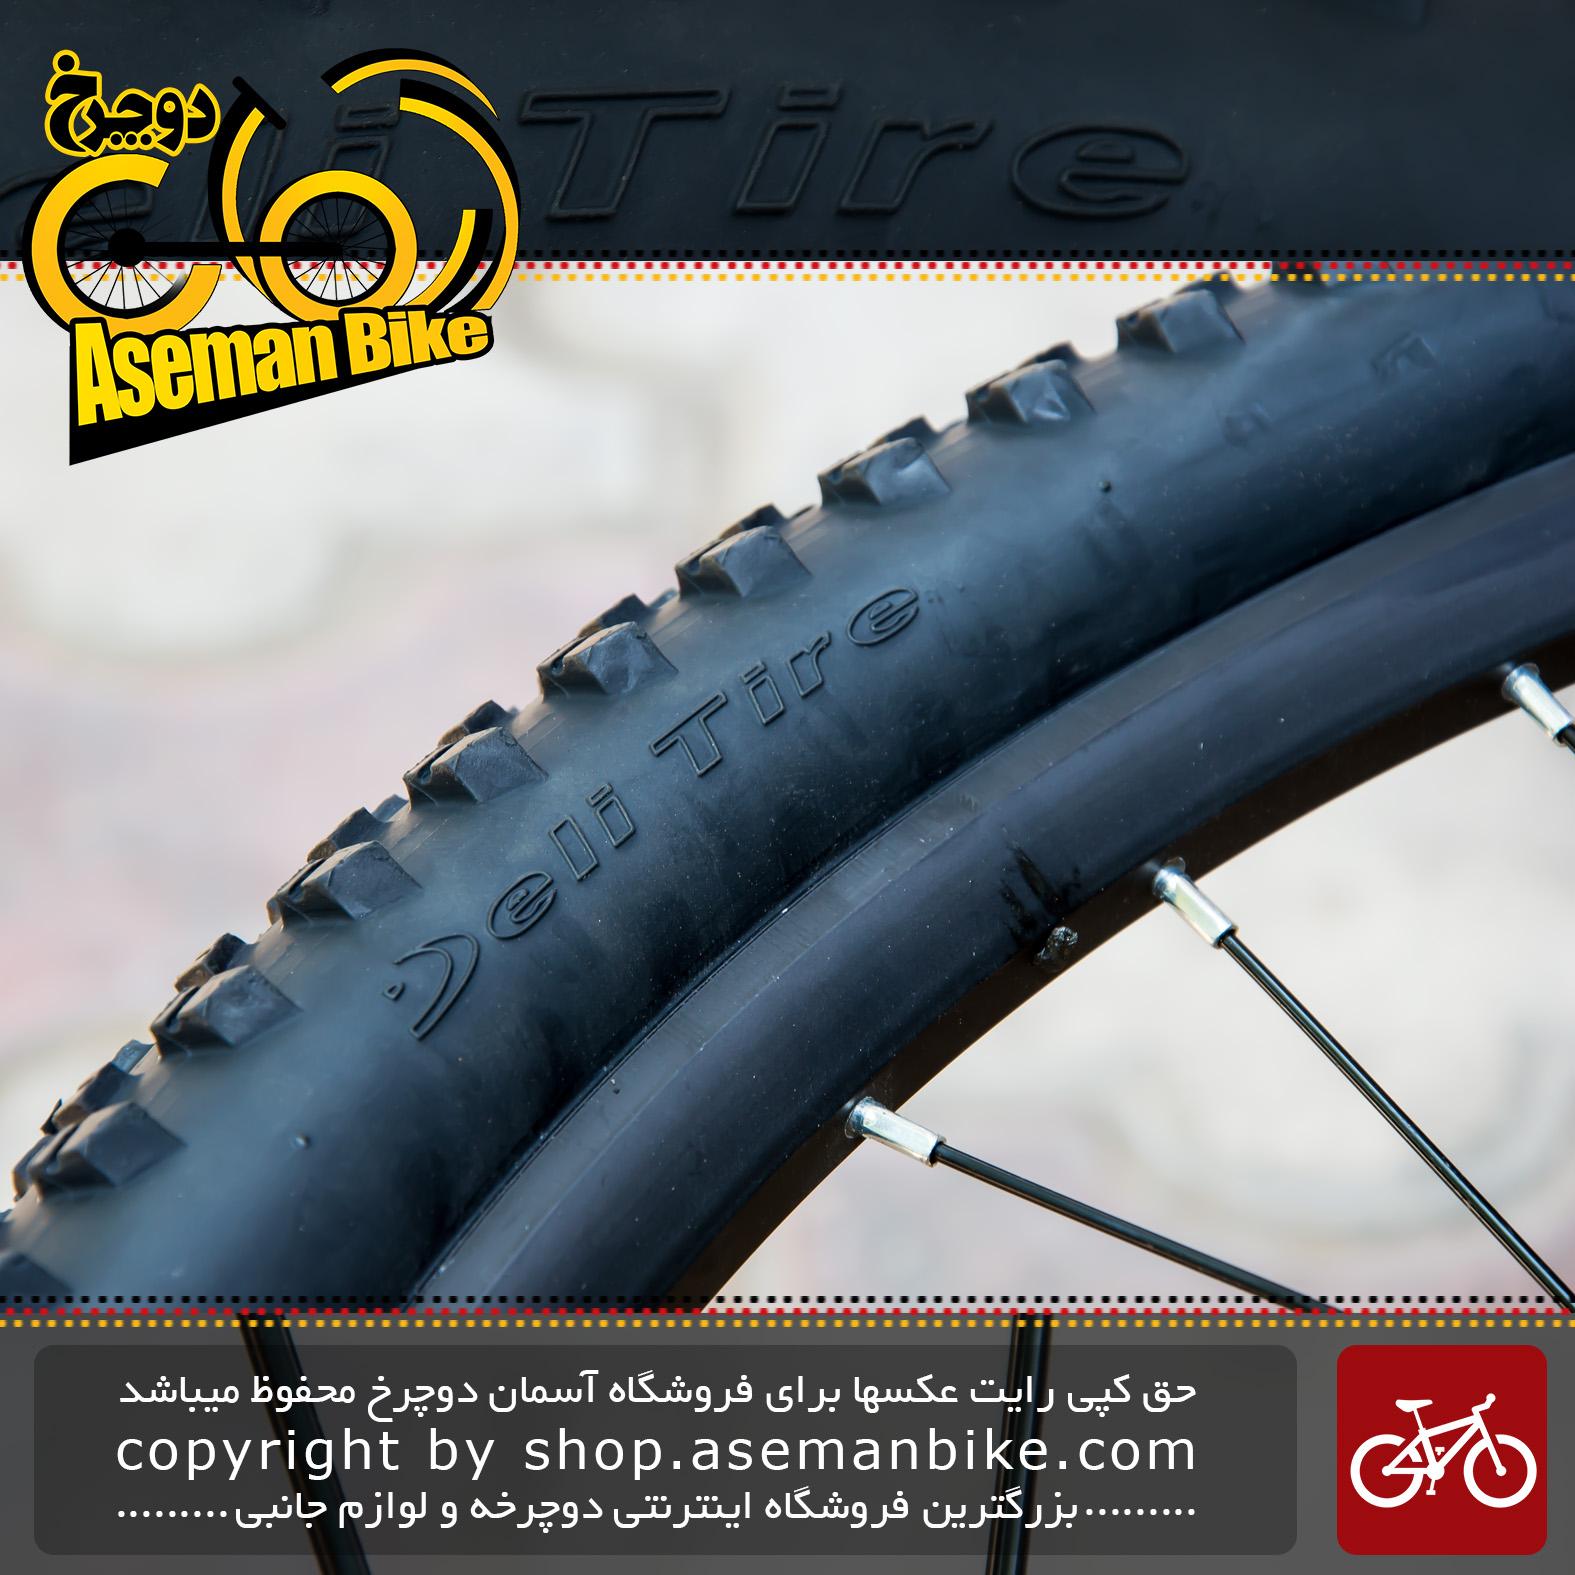 لاستیک تایر دوچرخه سایز 27.5 در 2.10 برند دلی استاندارد ژاپن ساخت اندونزی مدل اس ای 258 Tire Bicycle Deli 27.5x2.10 650x54B 54-584 SA-258